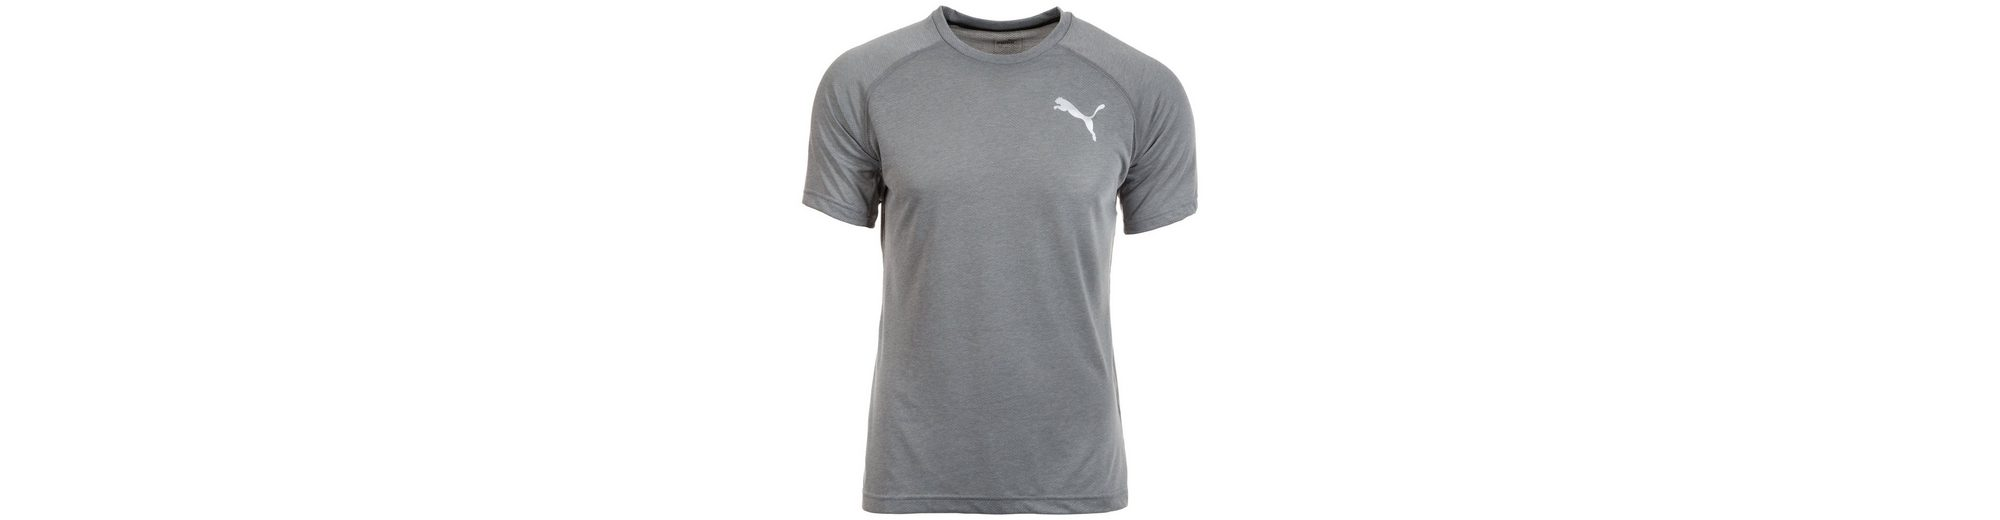 PUMA Trainingsshirt Dri-release Angebote Günstigen Preis Qualität Frei Für Verkauf Spielraum Empfehlen Yj8FR6z